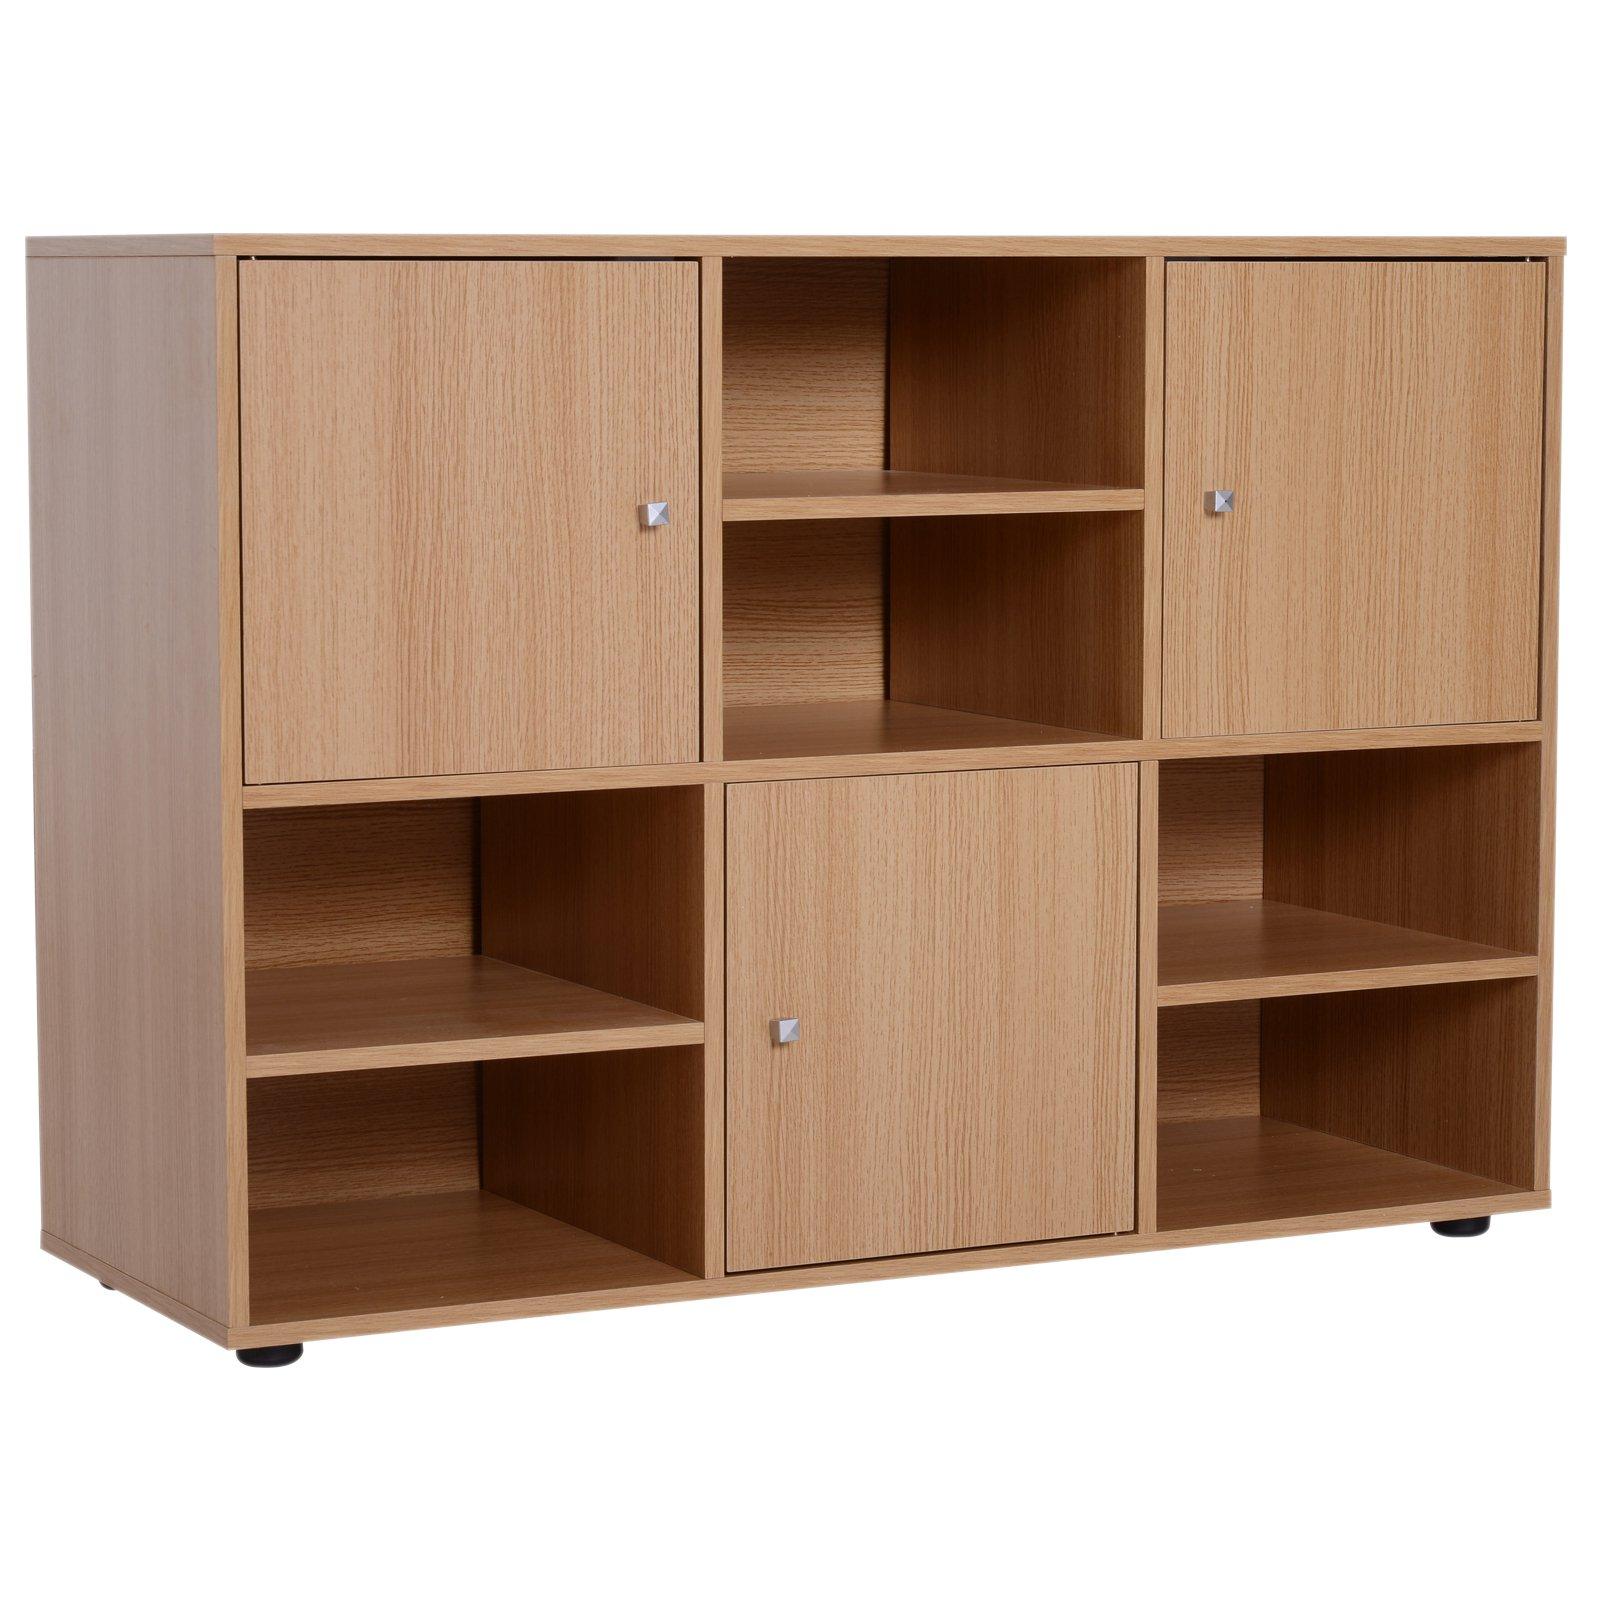 Homcom Biblioteca 6 Compartimente in Lemn, 110x40x78cm imagine aosom.ro